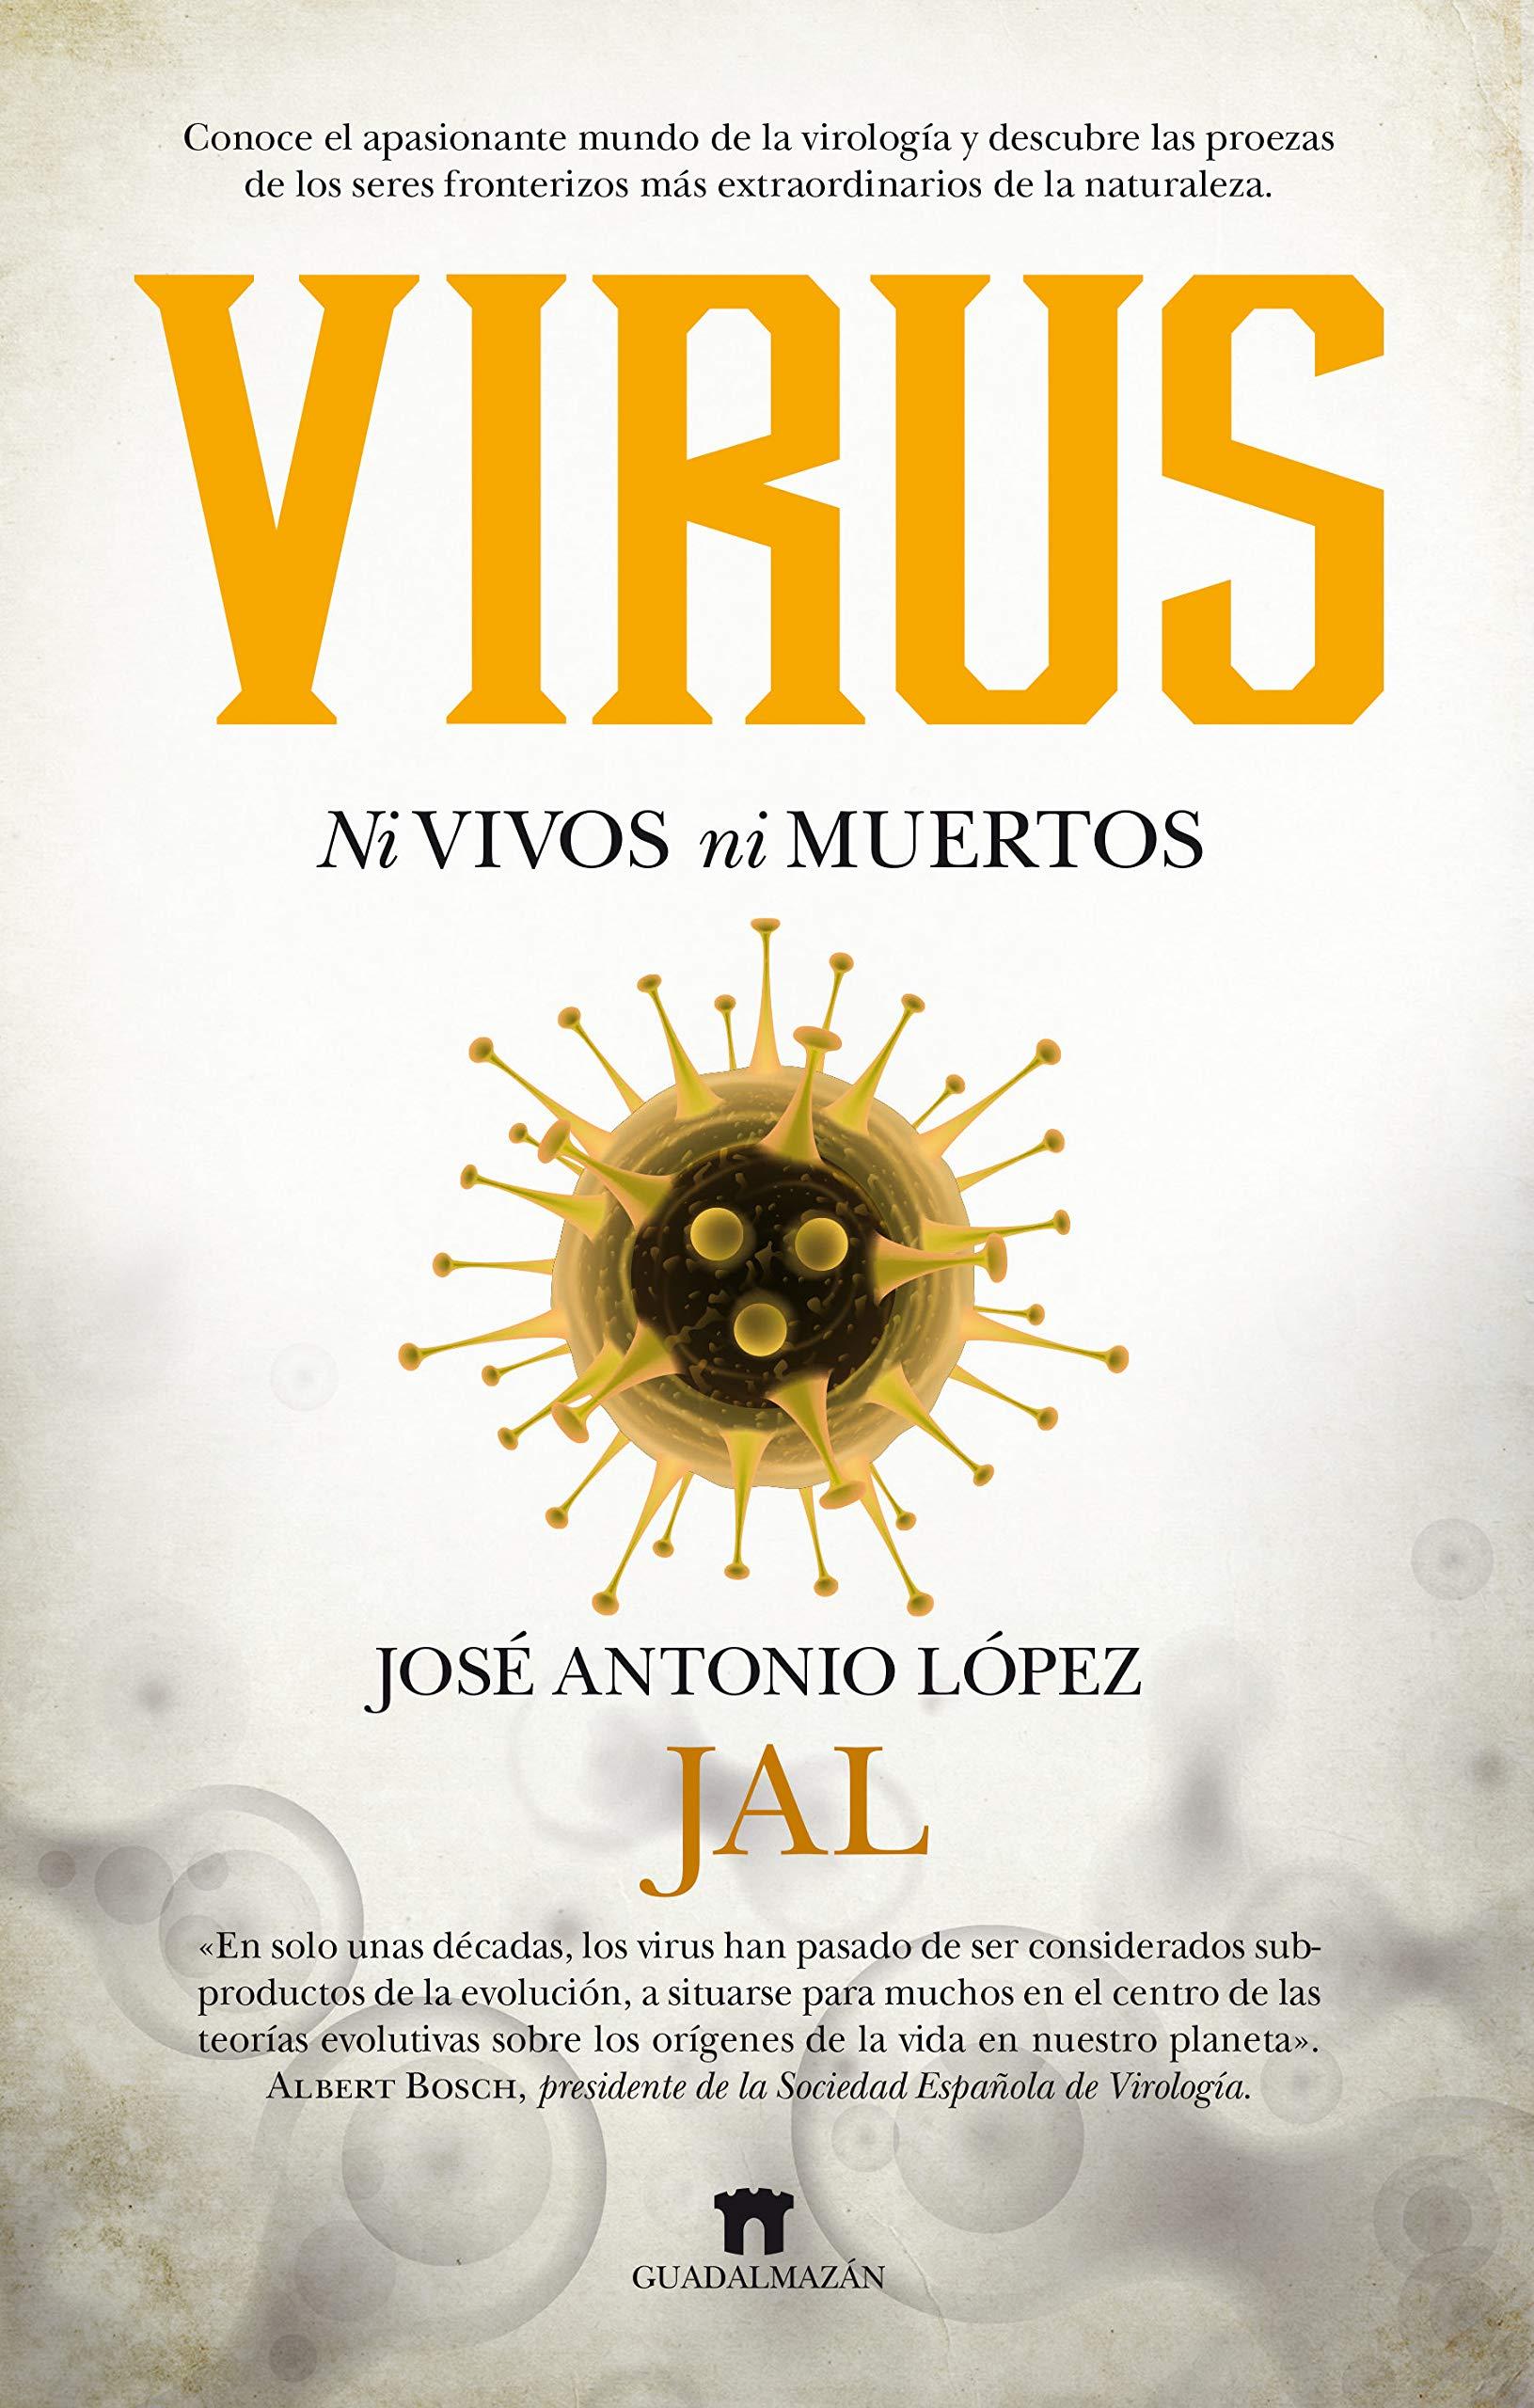 Virus Ni vivos ni muertos (Divulgación Científica): Amazon.es: López Guerrero, José Antonio: Libros